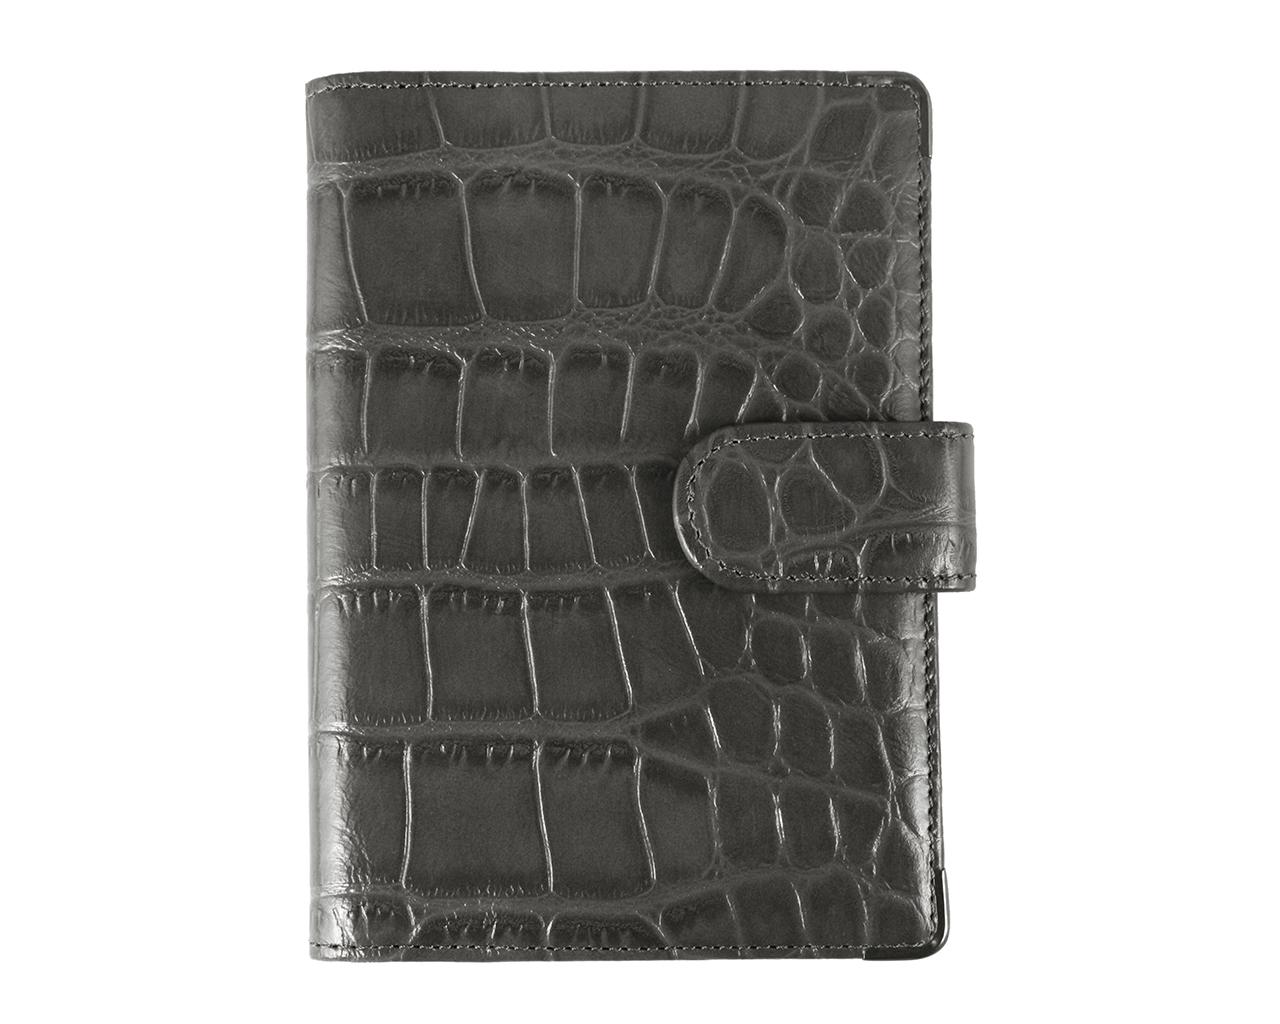 Обложка для документов женская Leo Ventoni, цвет: серый. L330222L330222-grey coccoСтильная обложка для документов Leo Ventoni выполнена из натуральной кожи с тиснением под крокодила, дополнена металлической фурнитурой. Изделие раскладывается пополам и закрывается хлястиком на кнопку. Внутри размещены два накладных кармана для паспорта и четыре кармана для кредитных карт. Изделие поставляется в фирменной упаковке. Оригинальная обложка для документов Leo Ventoni станет отличным подарком для человека, ценящего качественные и практичные вещи.